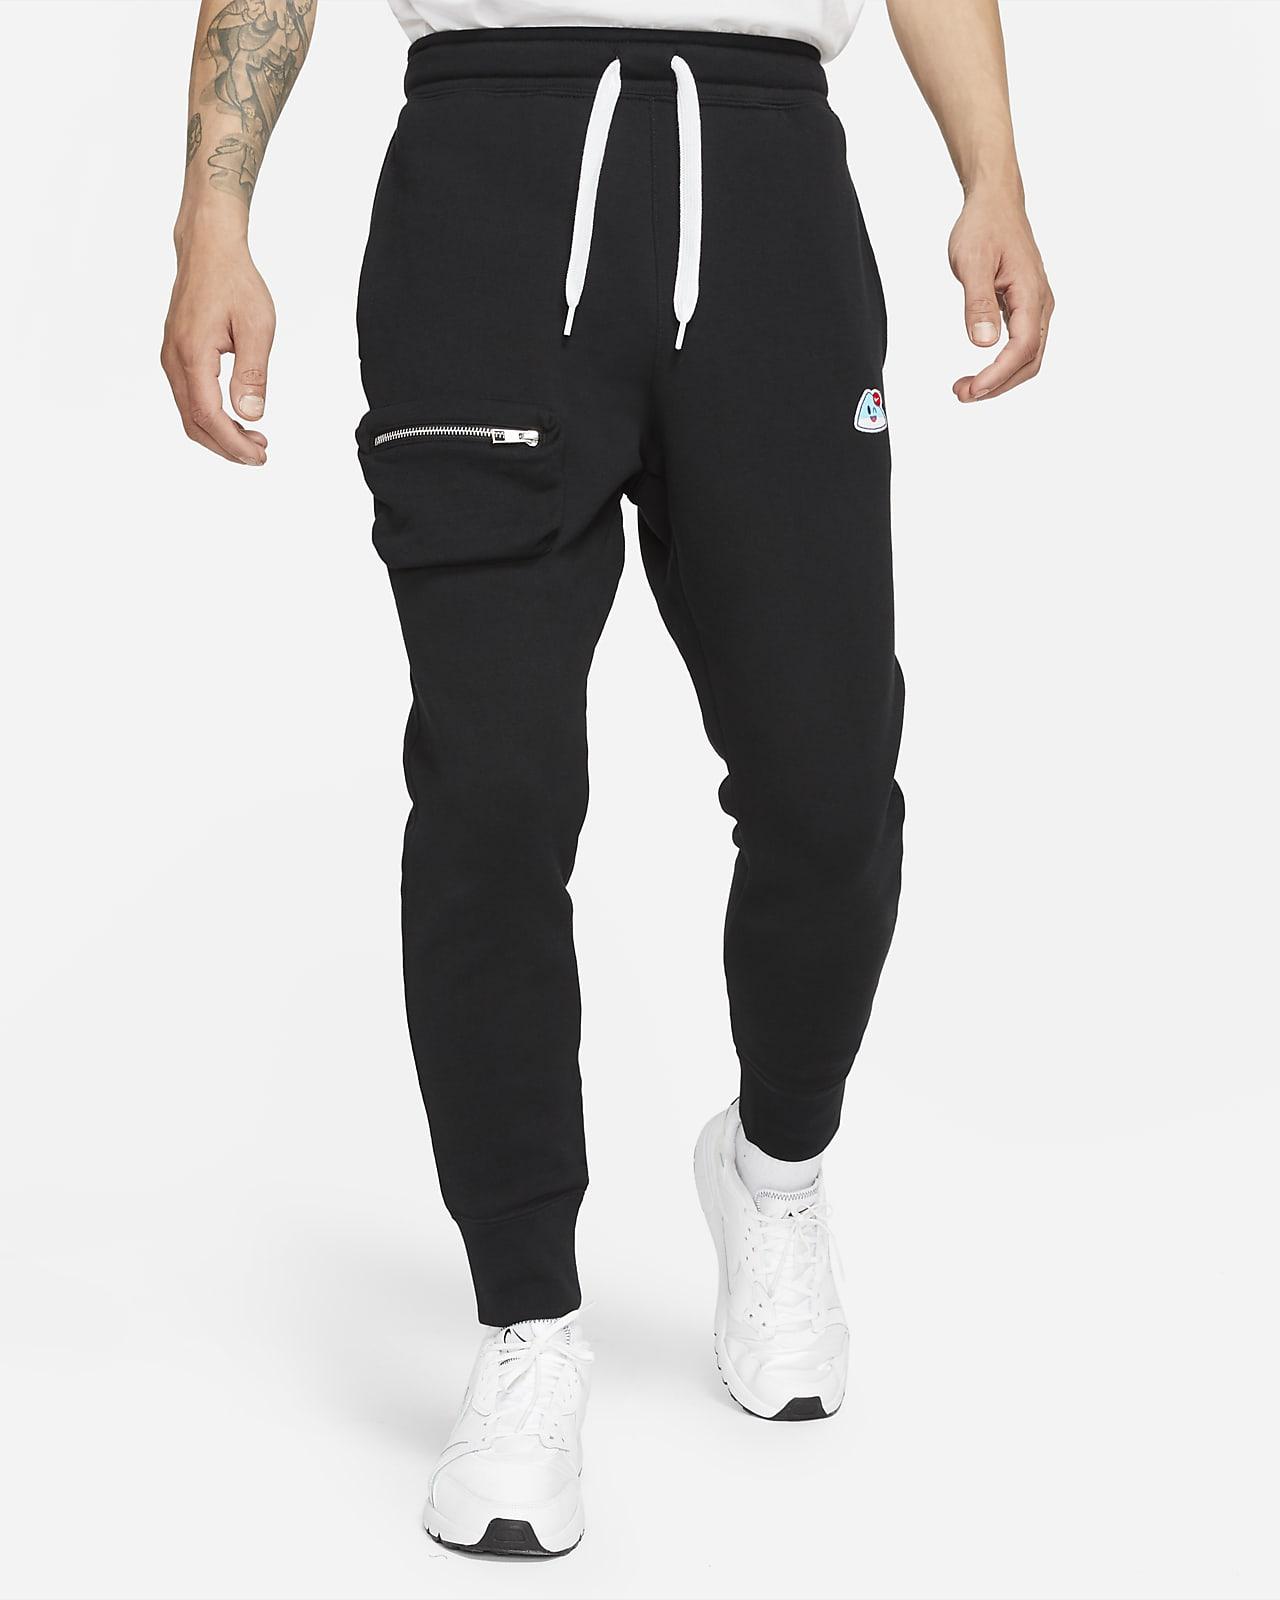 Nike Sportswear Men's French Terry Trousers